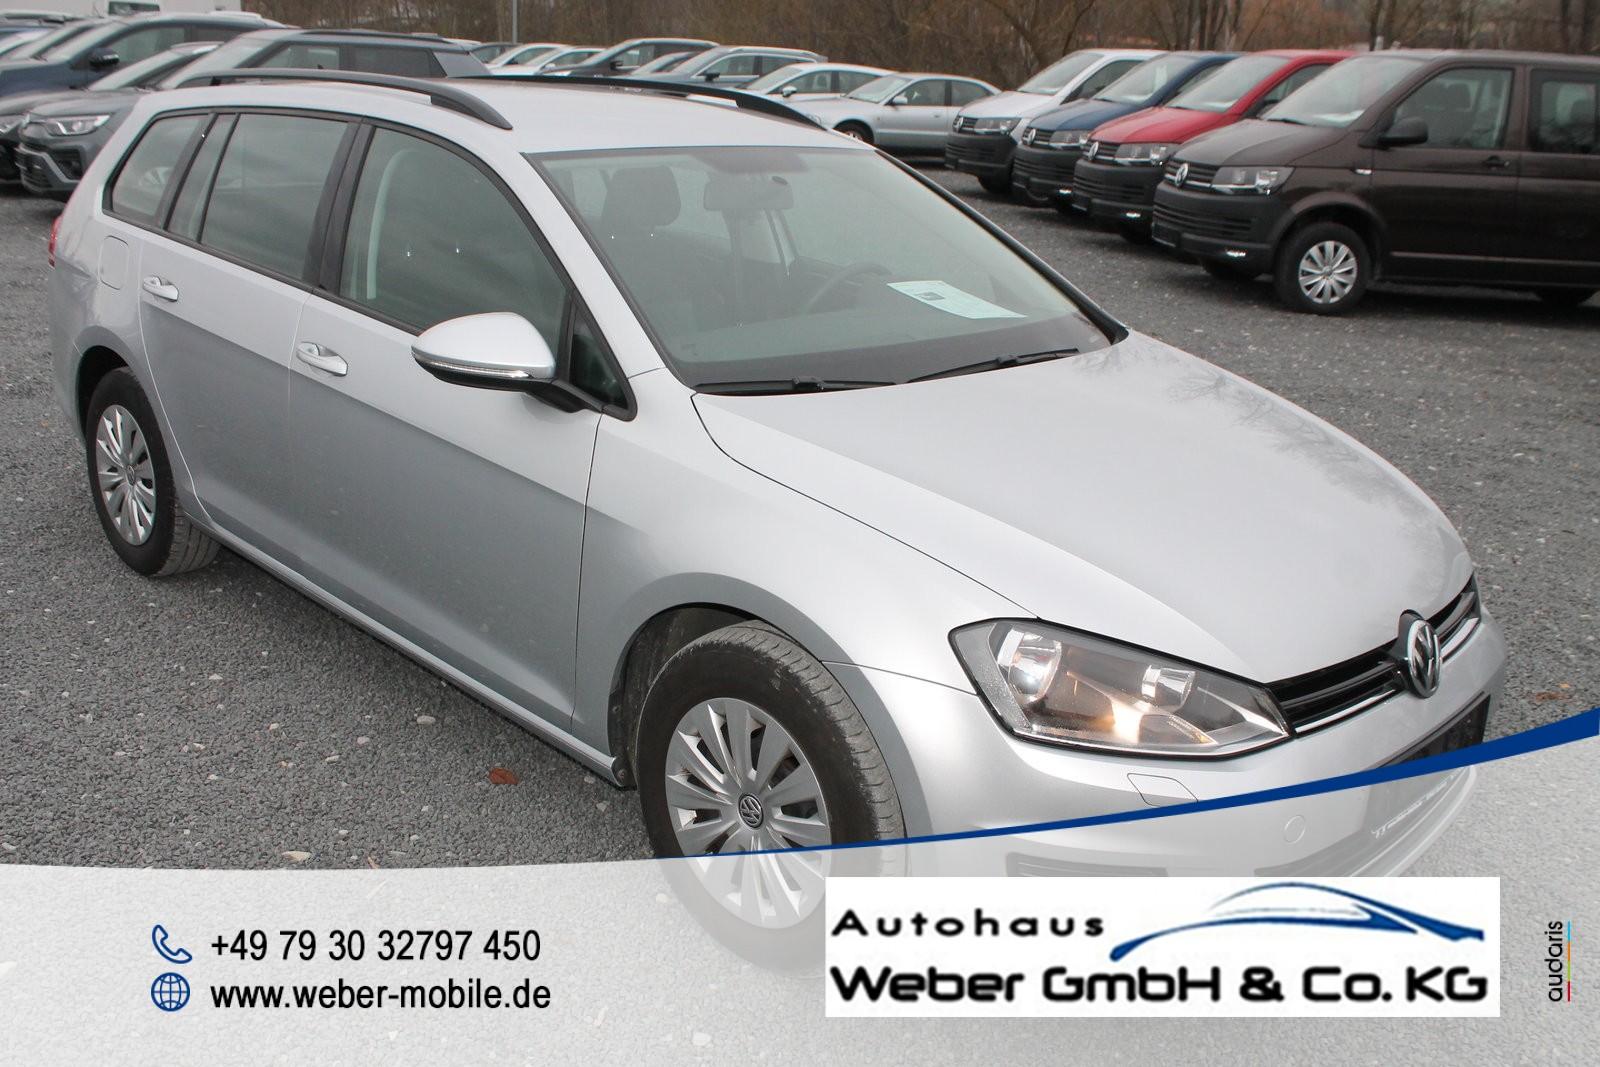 Volkswagen Golf VII Variant 1.6 TDI *Trendline*Navi*Tagfahrlicht*SHZ*Einparkhilfe vo+hi*, Jahr 2015, Diesel